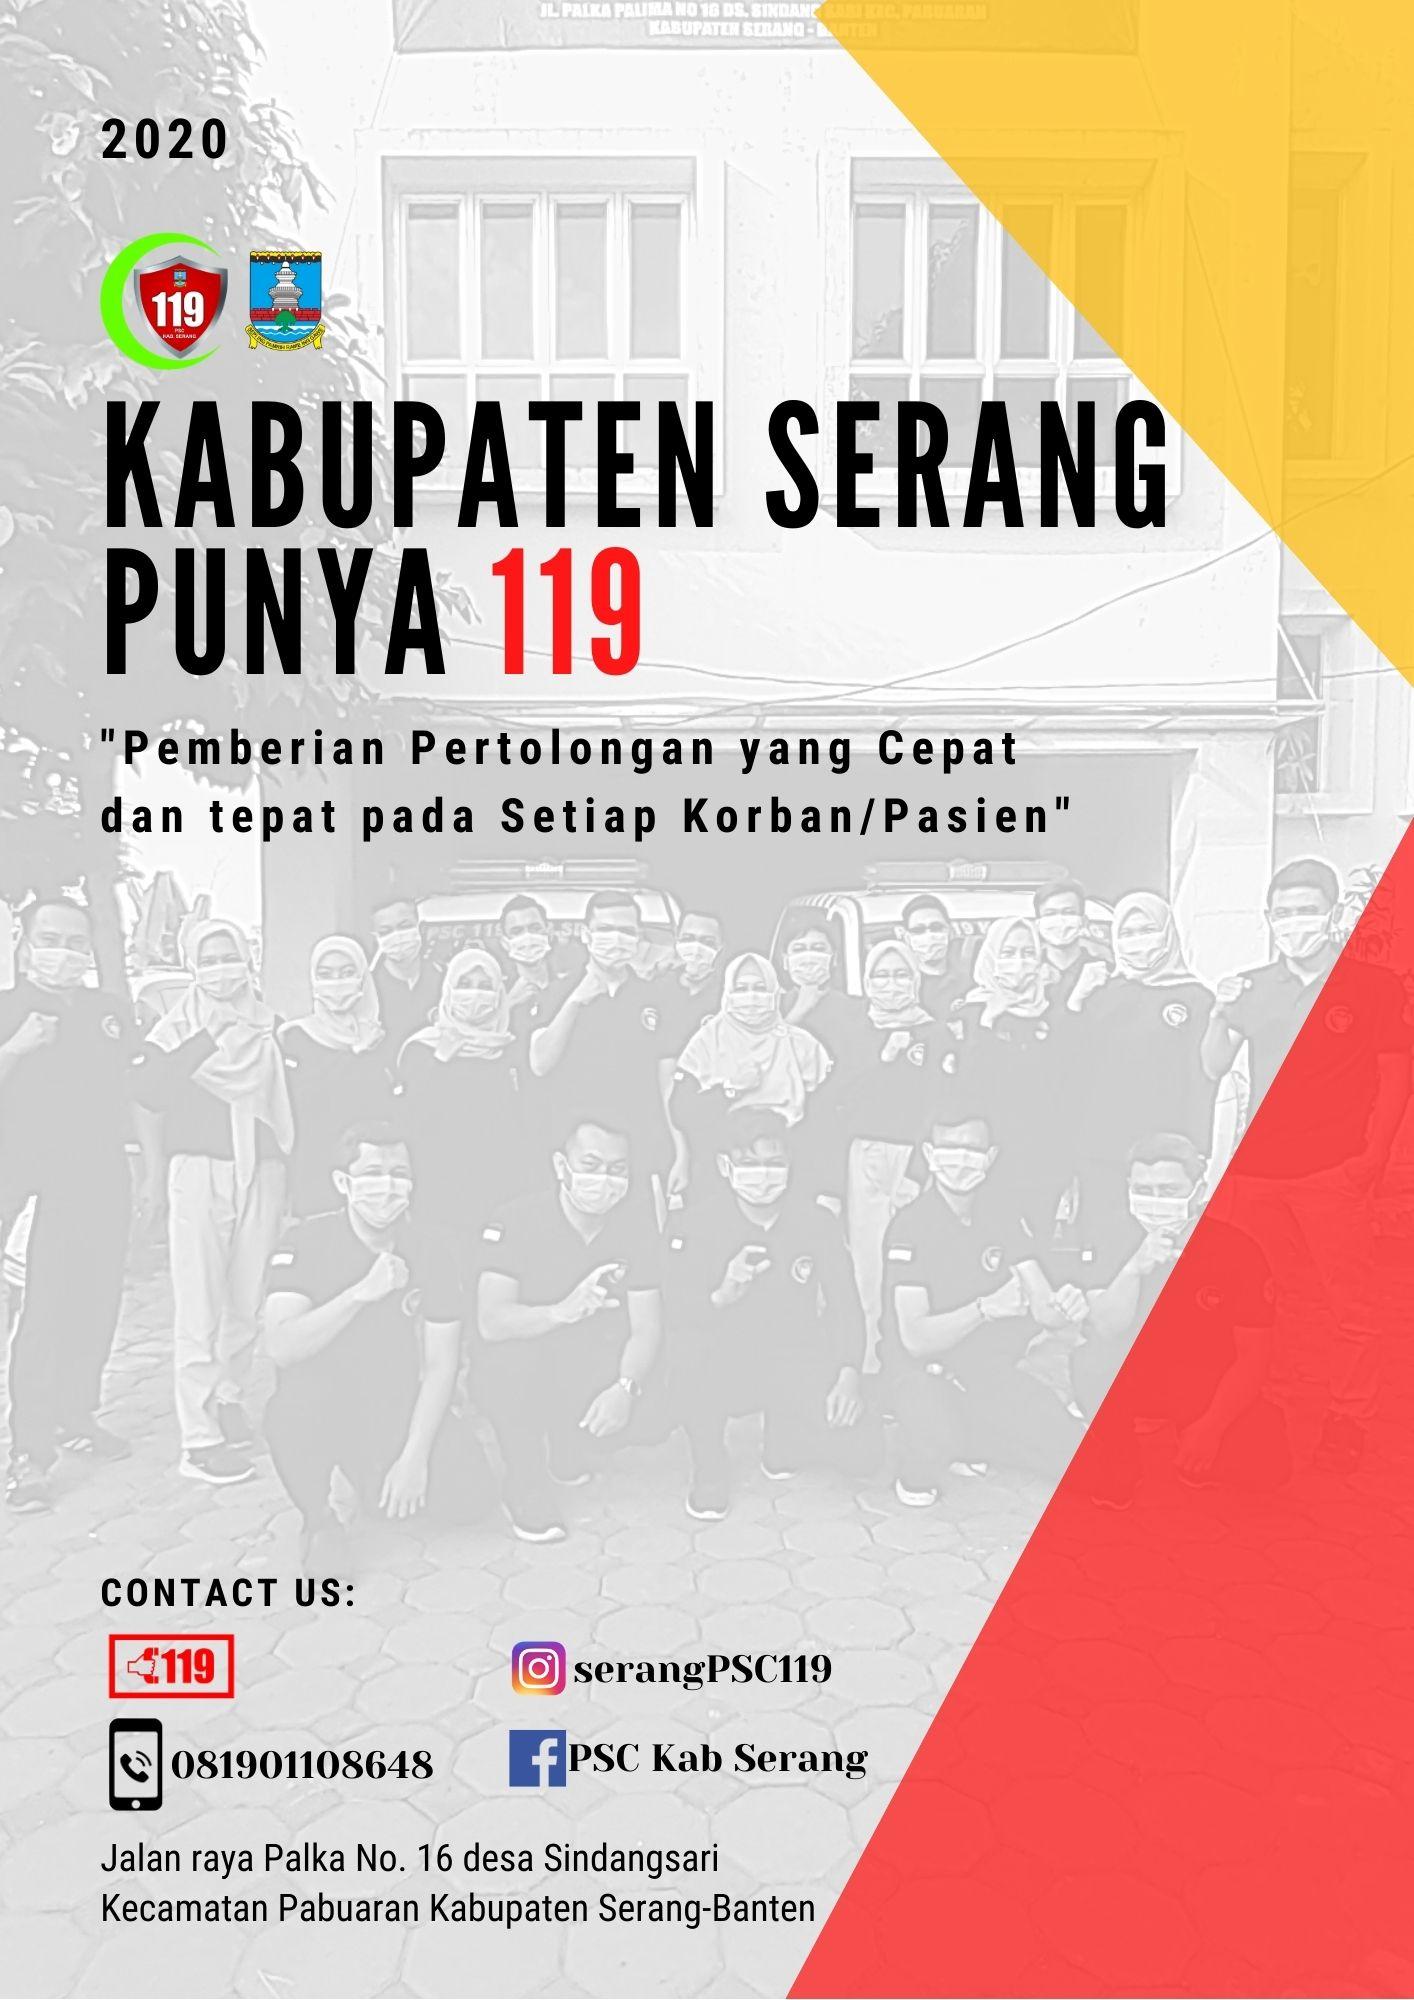 layanan-gawat-darurat-119-kabupaten-serang